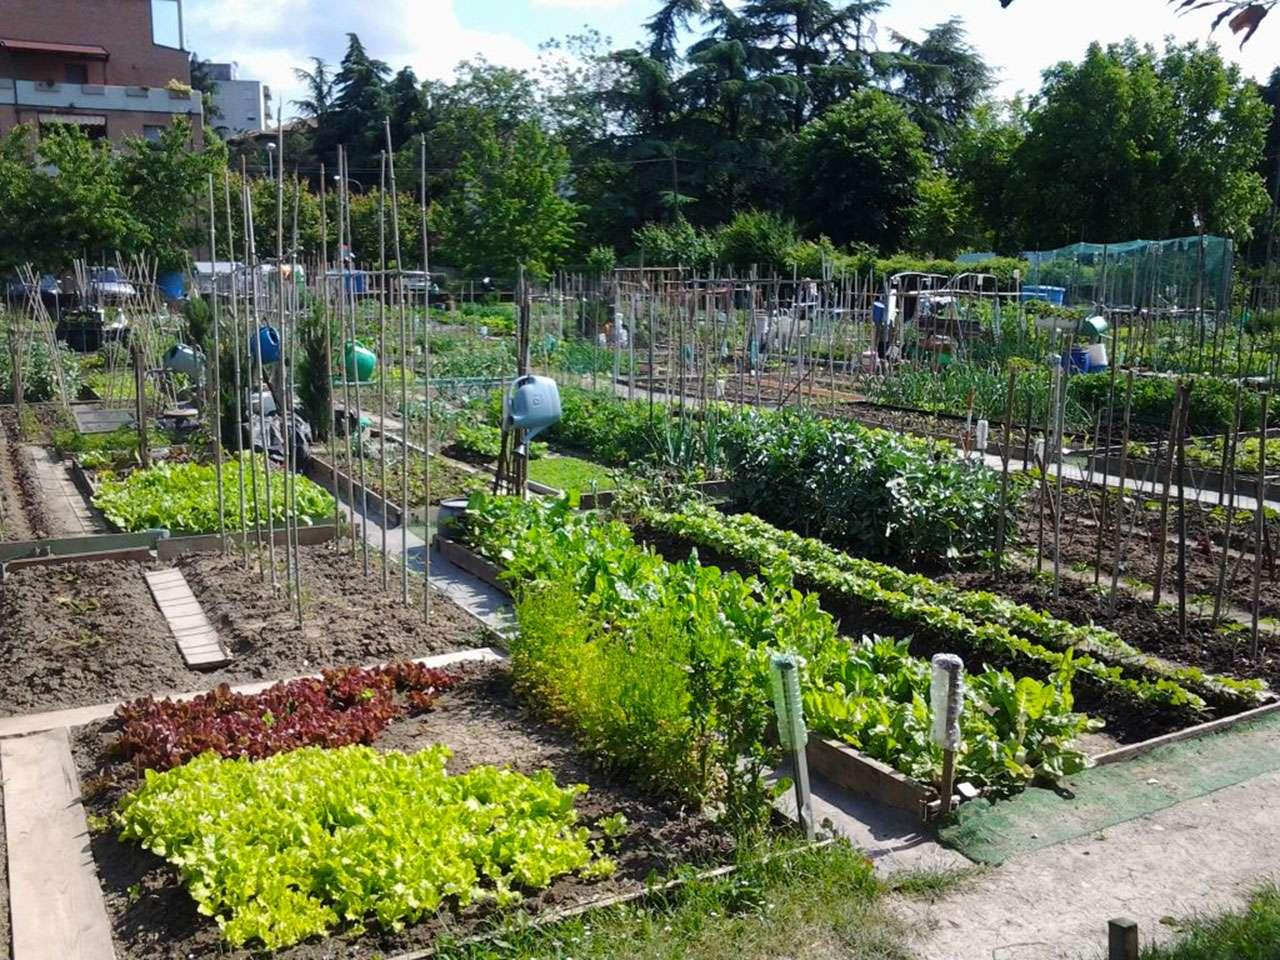 Orto come e quando organizzazione il nostro terreno - L orto in giardino ...